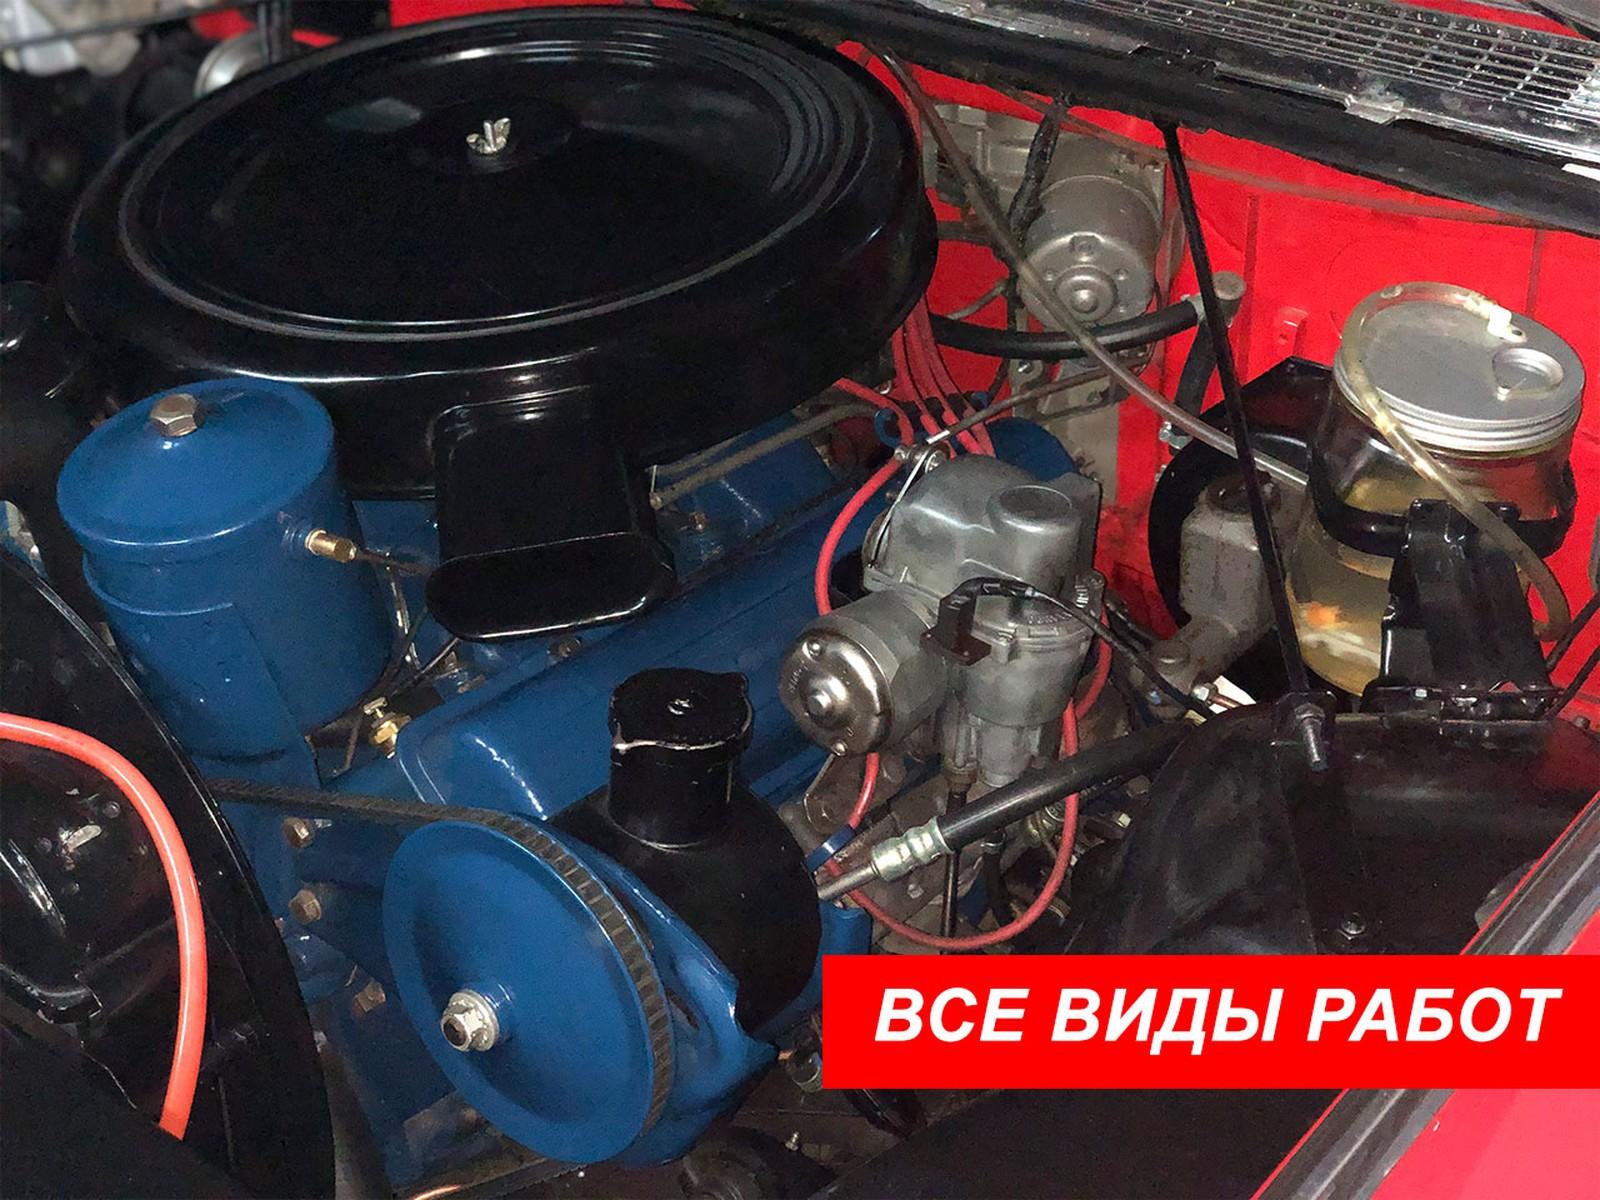 реставрация двигателей ретро автомобилей